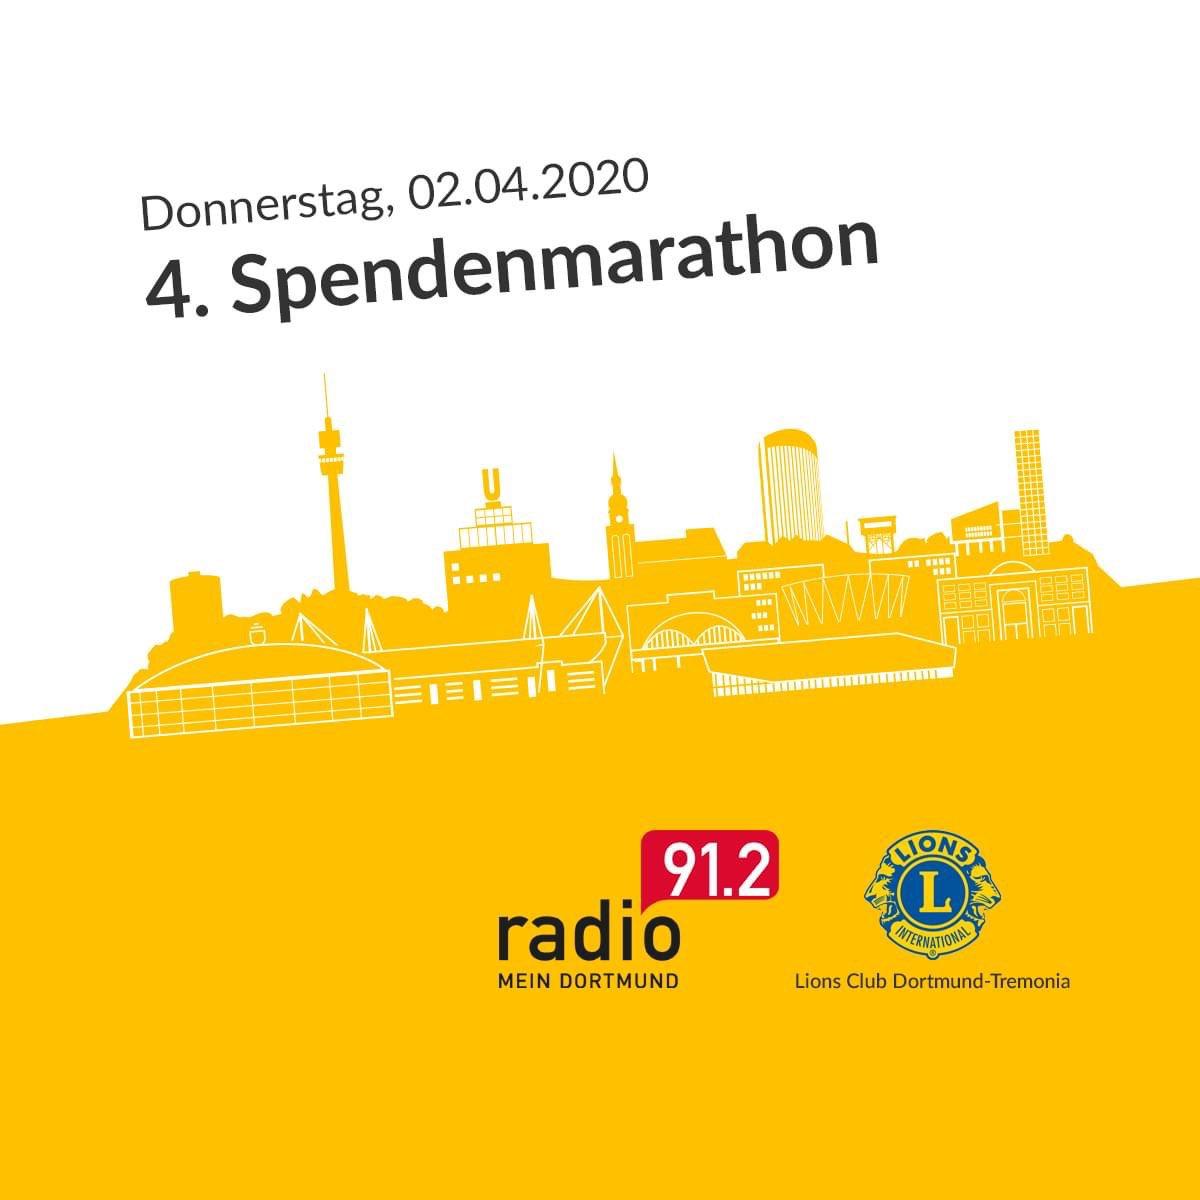 Mit dem Dortmunder Spendenmarathon unterstützen wir vier tolle soziale Projekte aus Dortmund. Eure Spenden kommen zu 100% den Einrichtungen zu Gute. Alle Infos unter http://www.radio912.de/spendenmarathon #wirfürdortmund #dortmunderspendenmarathon #jedespendehilft #lionsclubpic.twitter.com/lID3j9AOYp